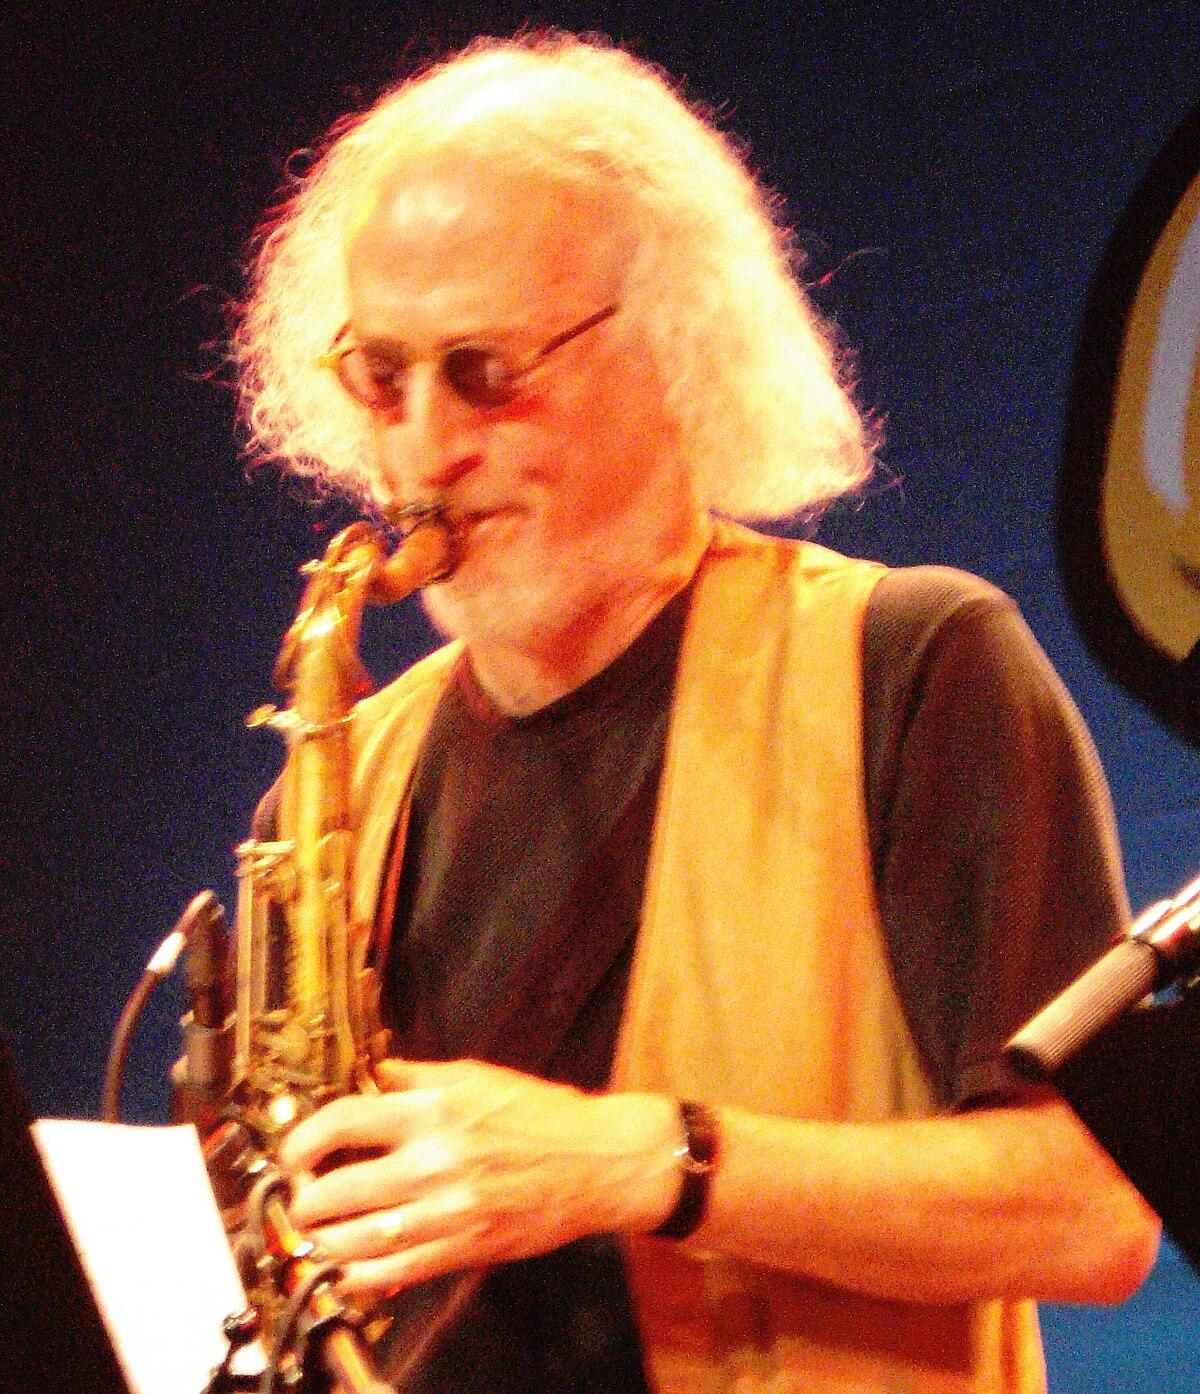 Larry Ochs (musician) - Wikipedia